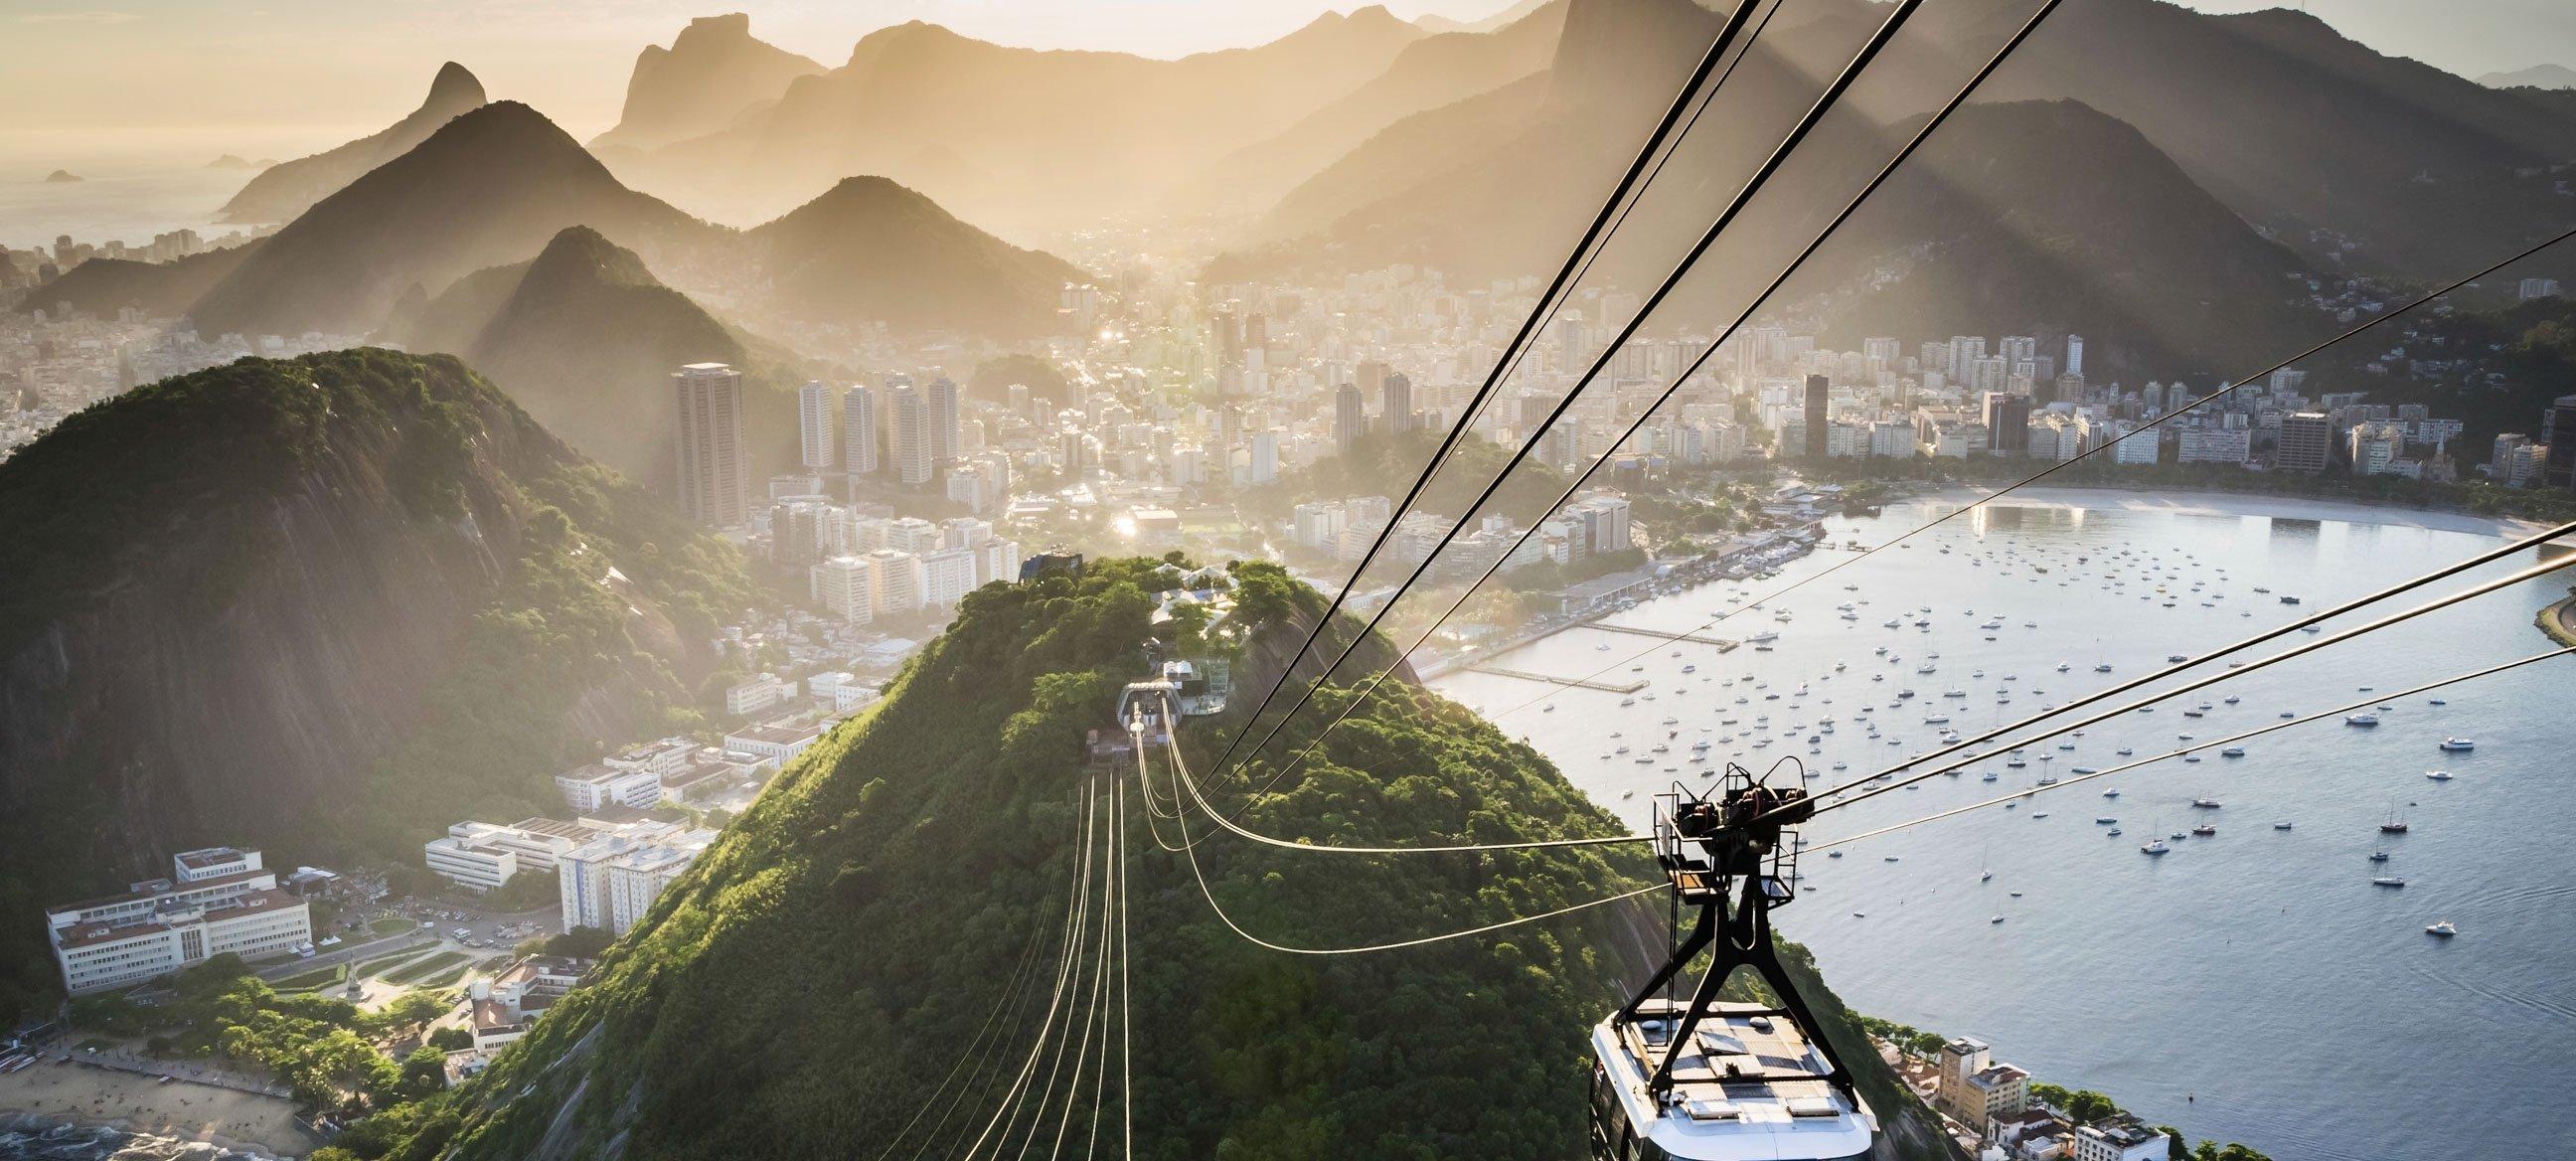 Поиск отелей в Рио-де-Жанейро